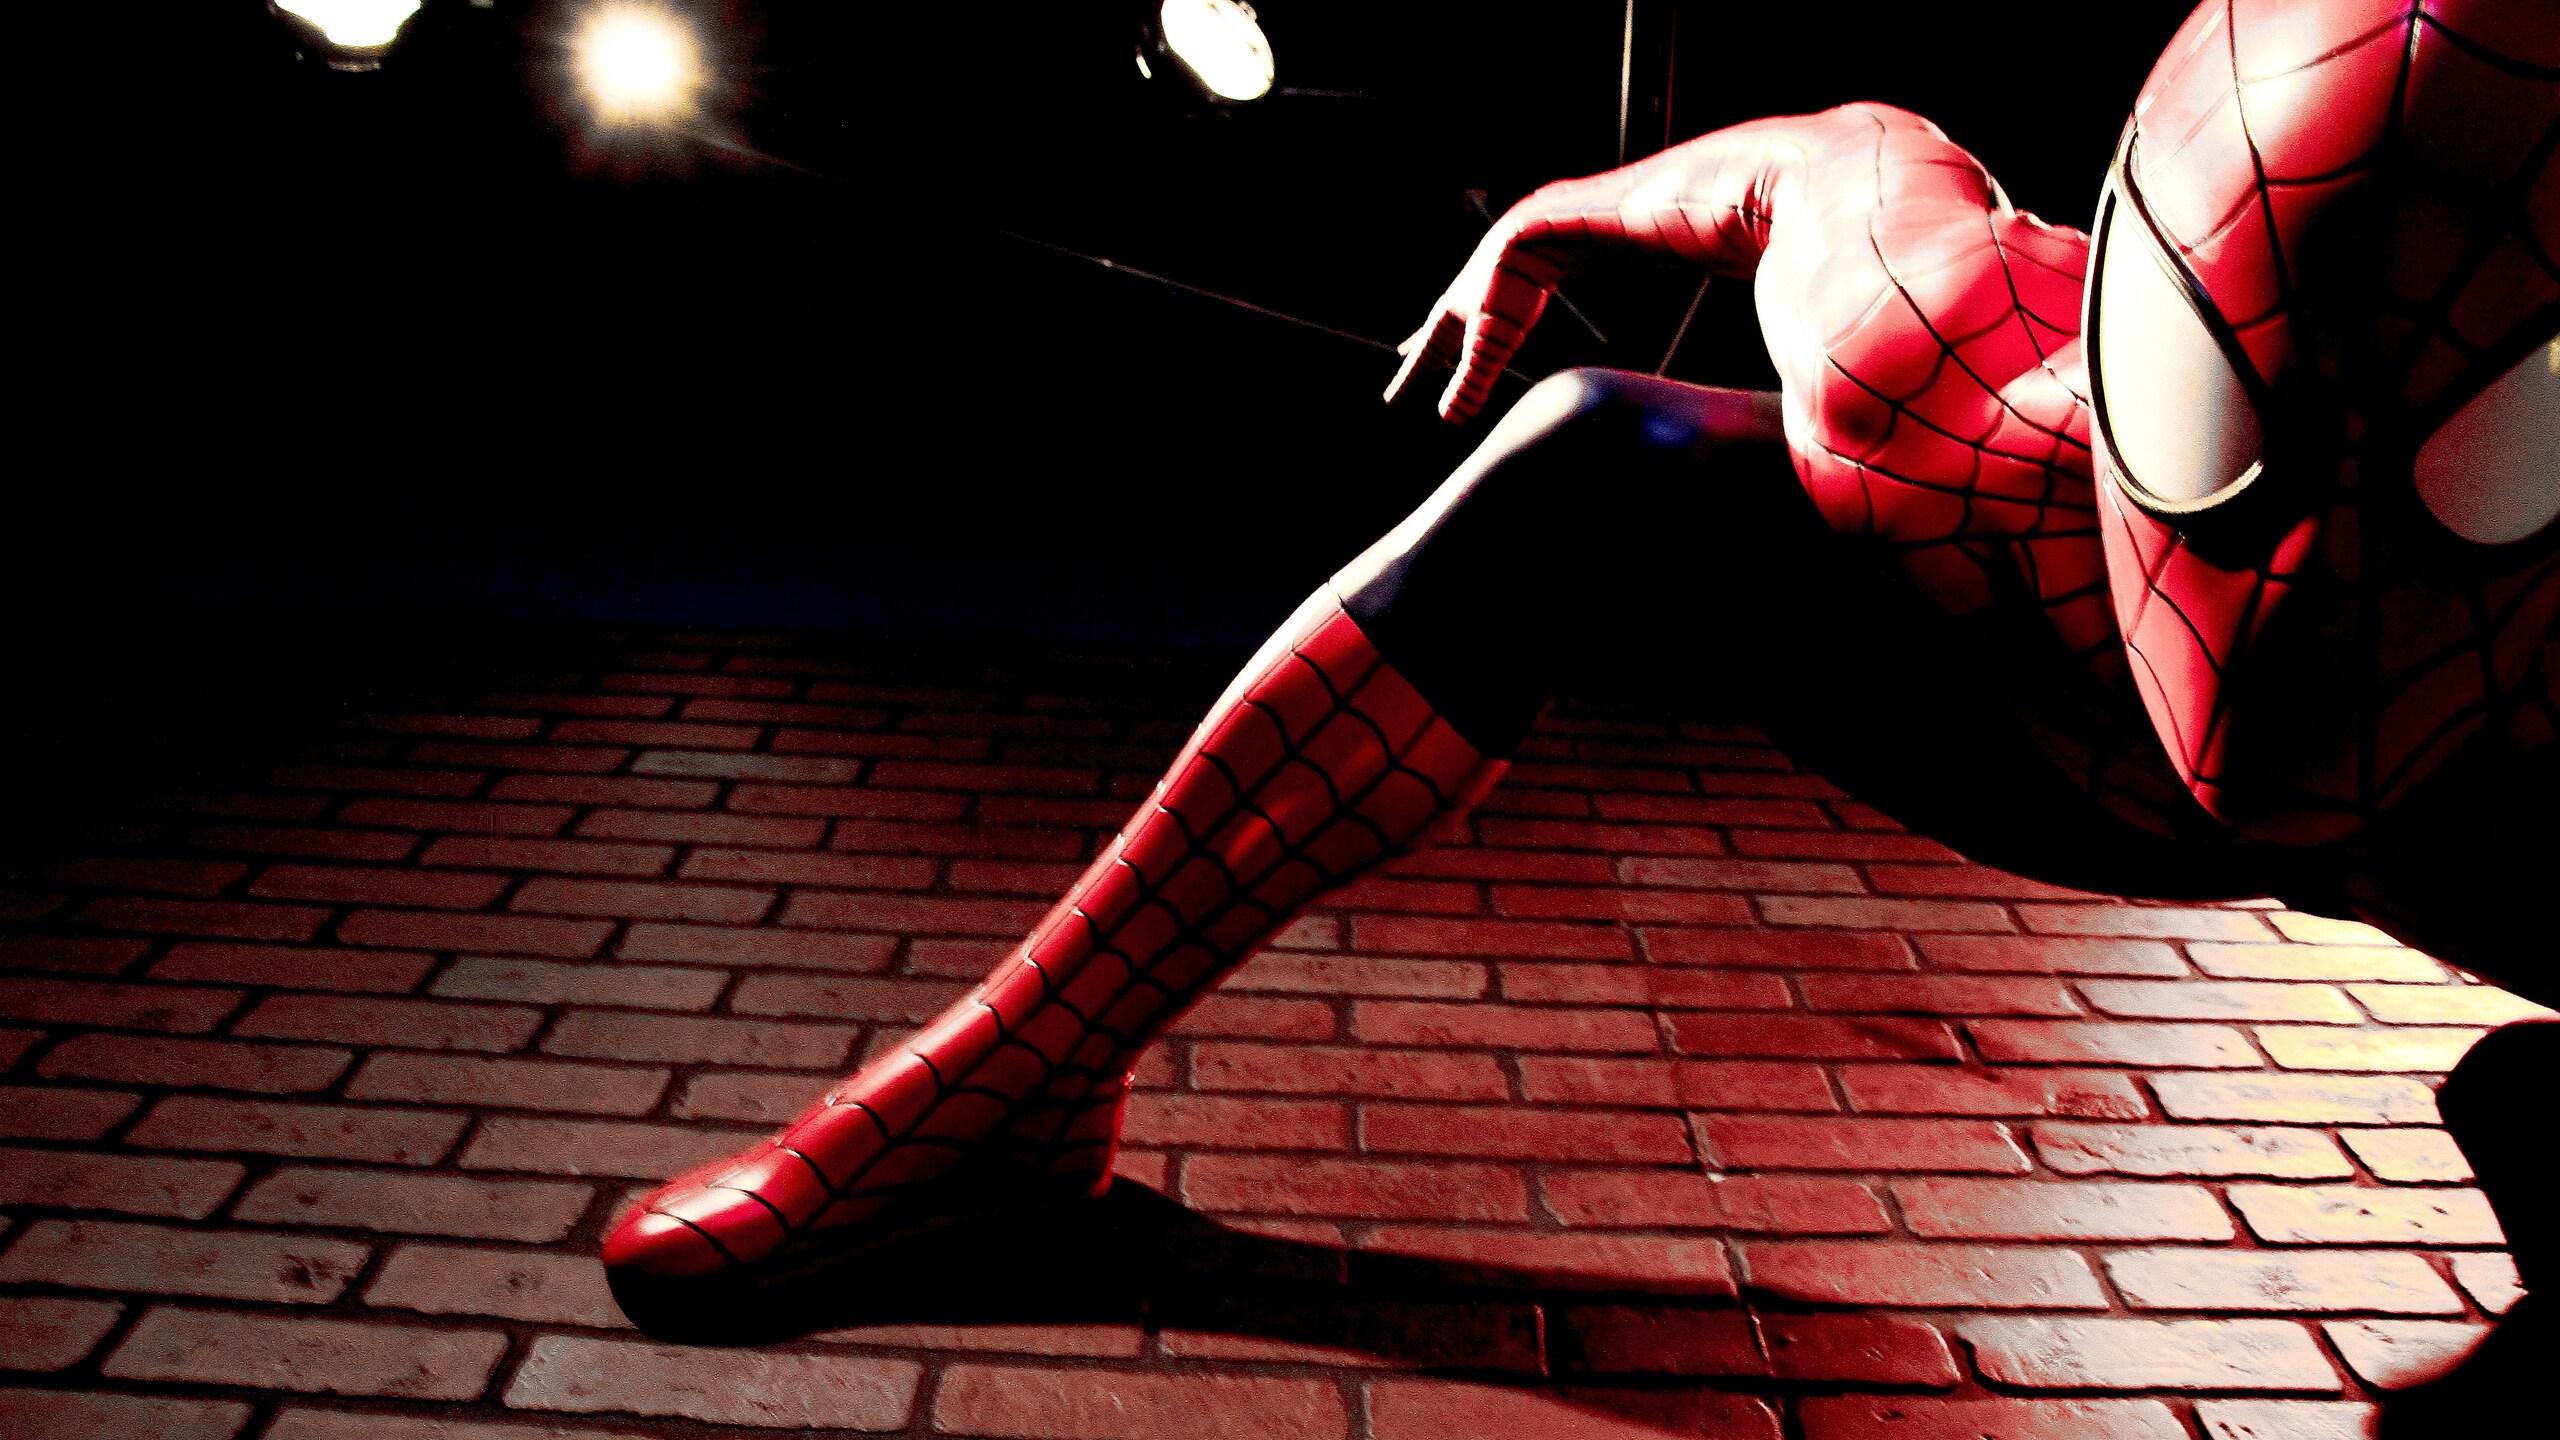 spider-man-cosplay-5k-c5.jpg